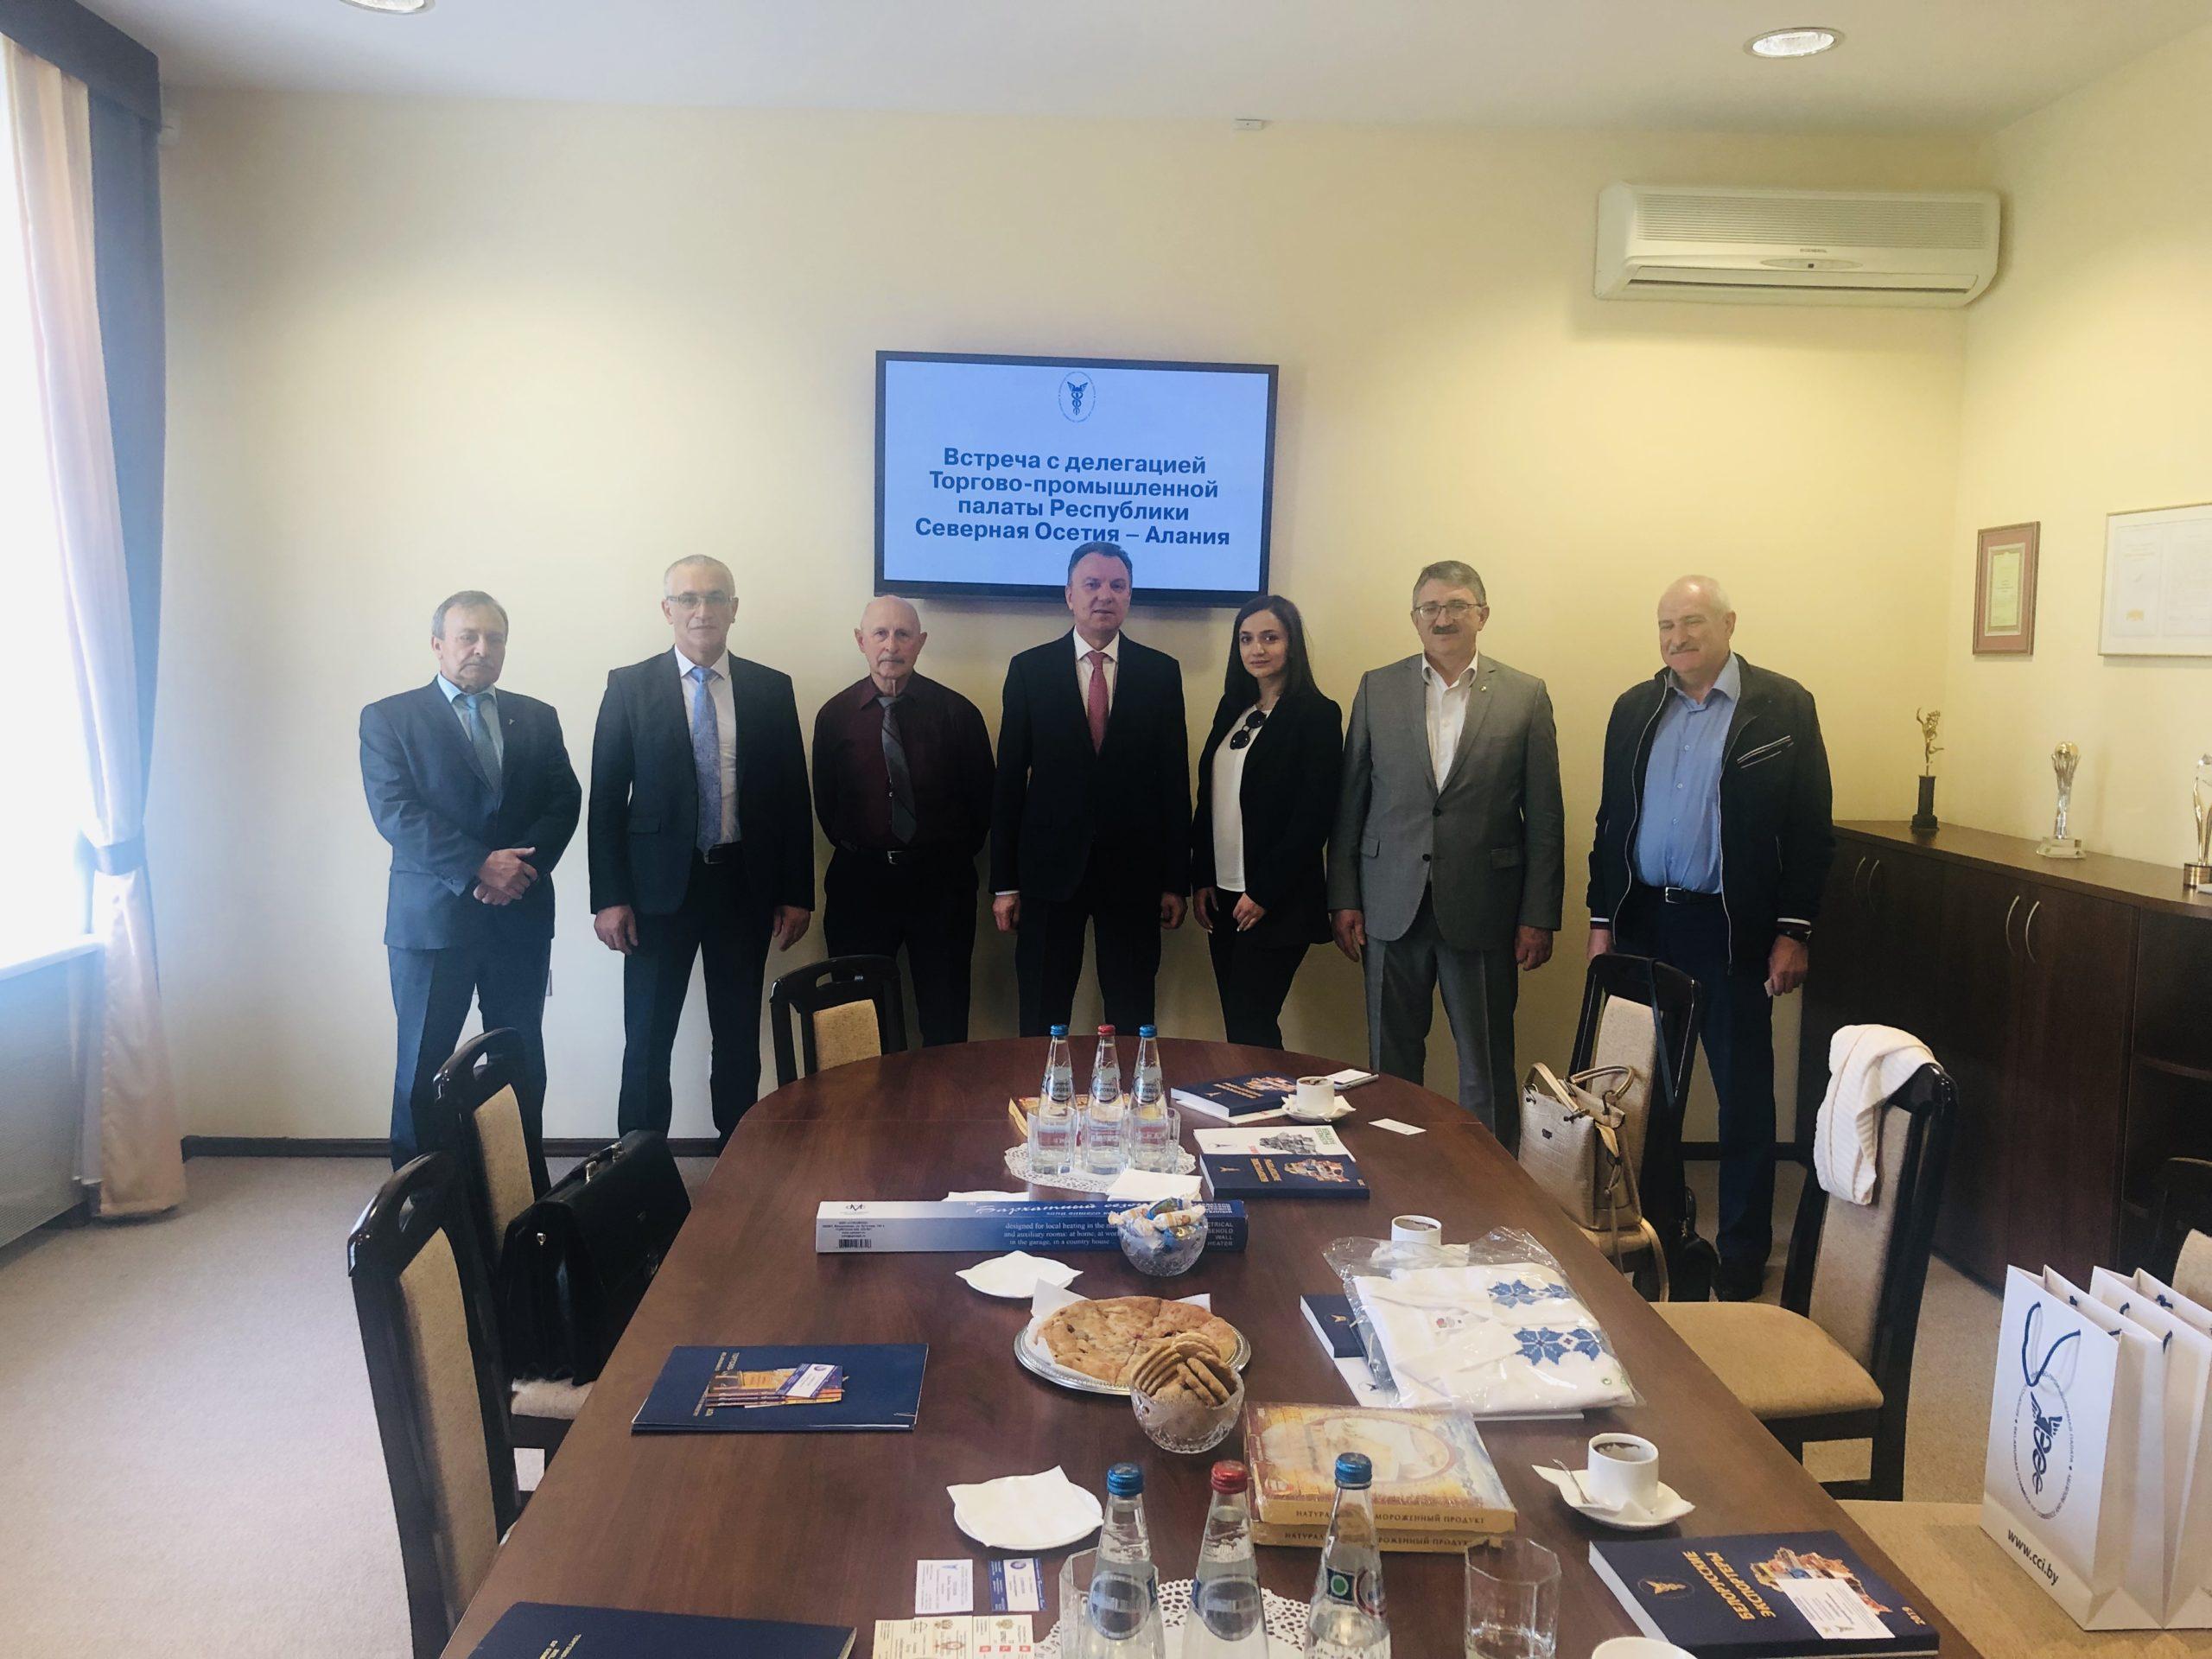 28 мая 2019 года делегация из Республики Северная Осетия-Алания прибыла с бизнес-миссией в Республику Беларусь, г. Минск.